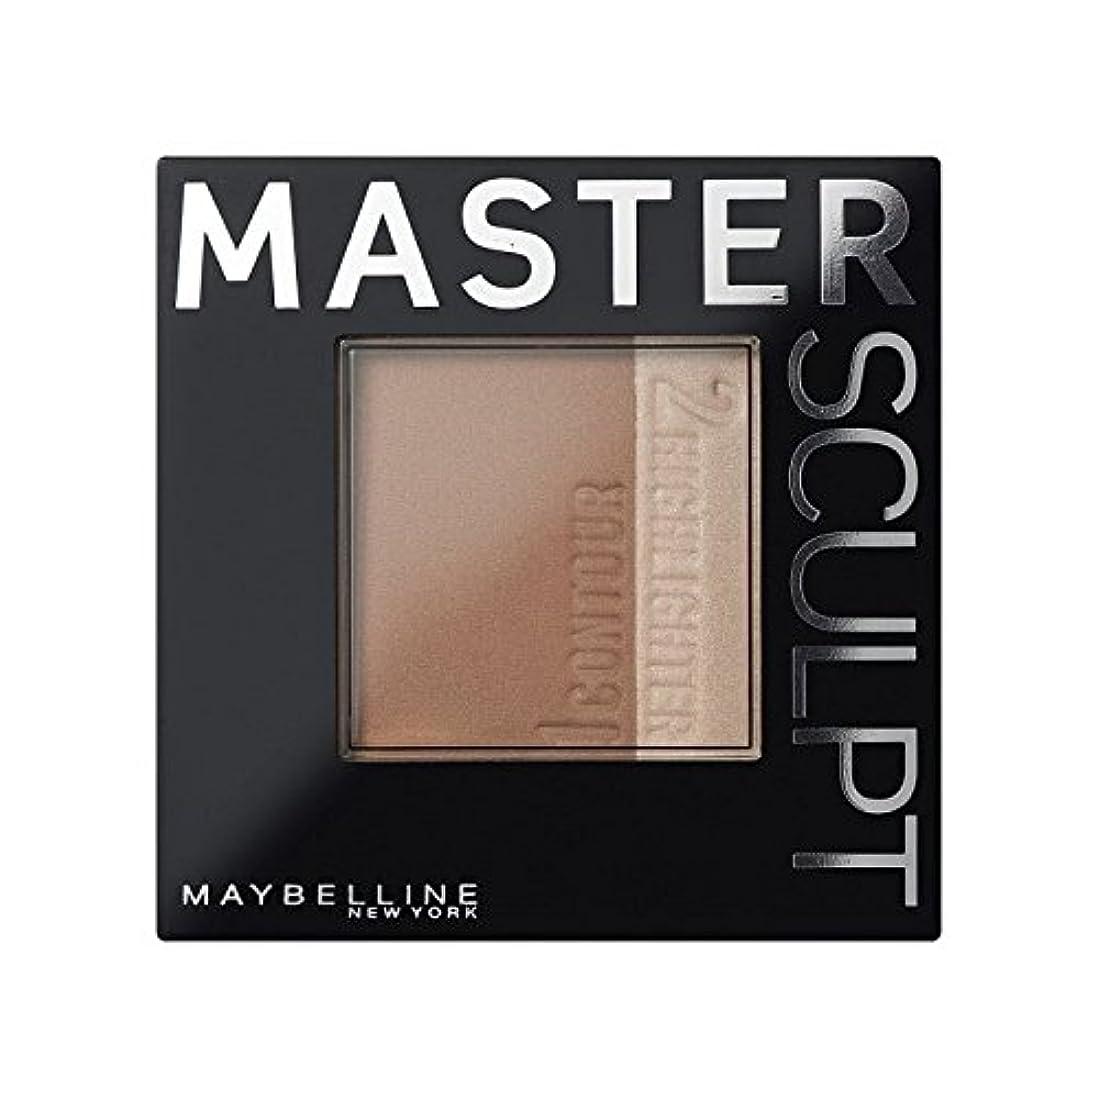 教室変数薬理学Maybelline Master Sculpt Contouring Foundation 02 Med/Dark - メイベリンマスタースカルプト基盤02の /暗い輪郭 [並行輸入品]